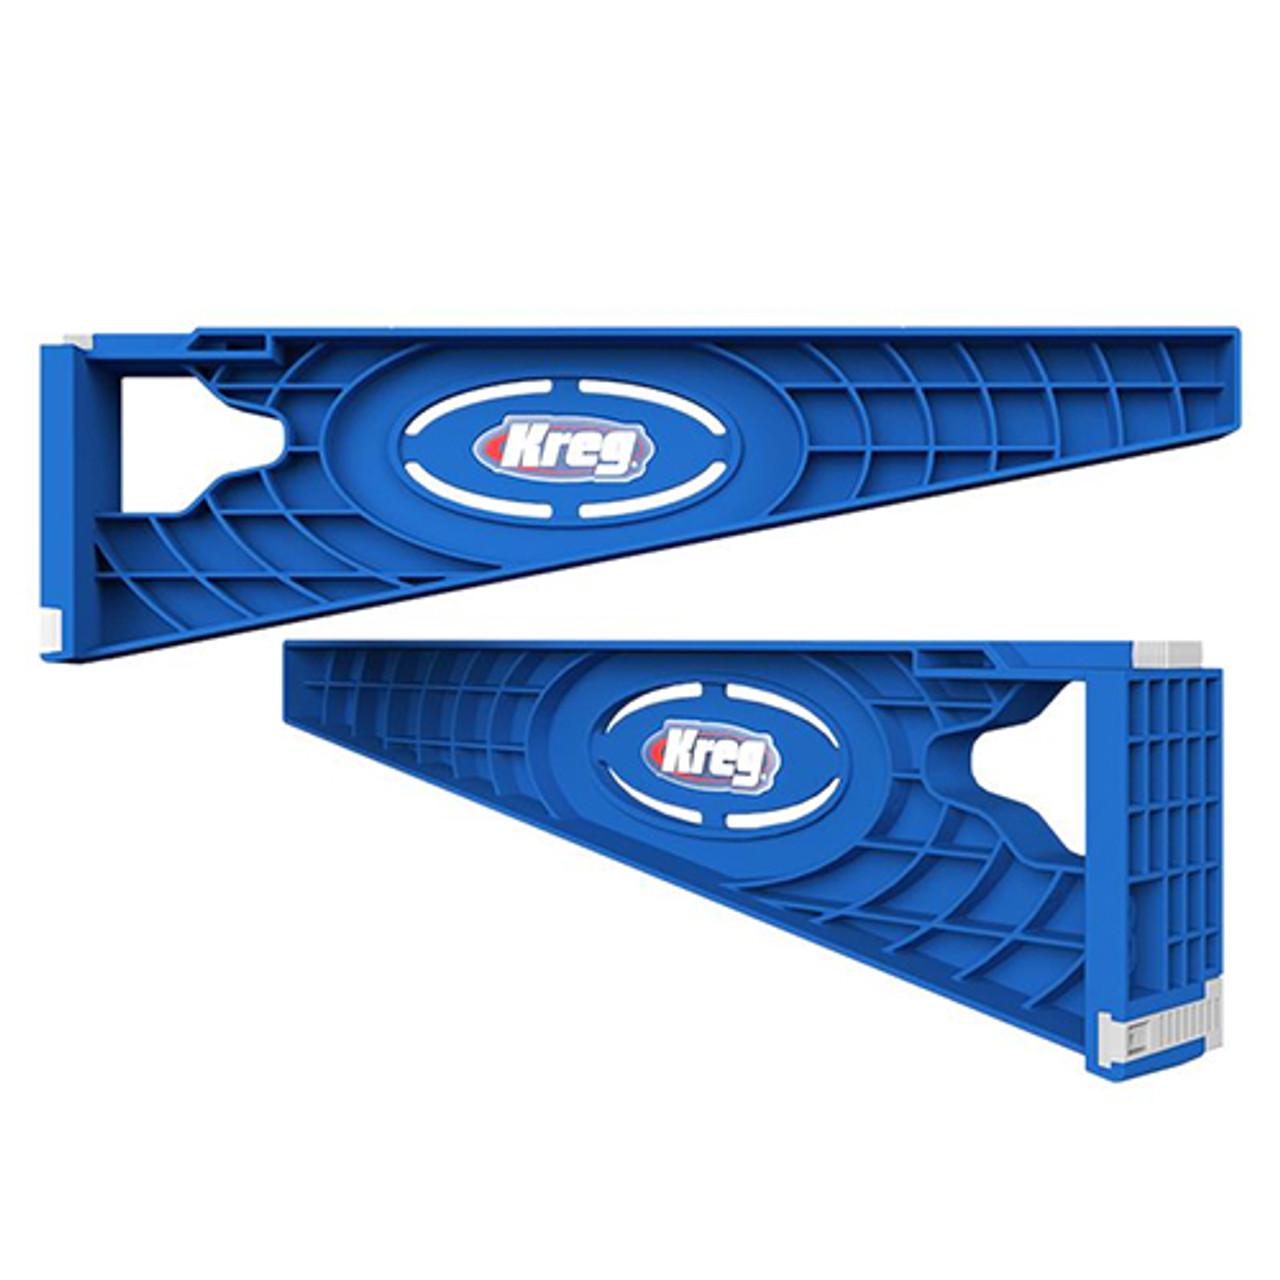 Kreg Drawer Slide Mounting Tool